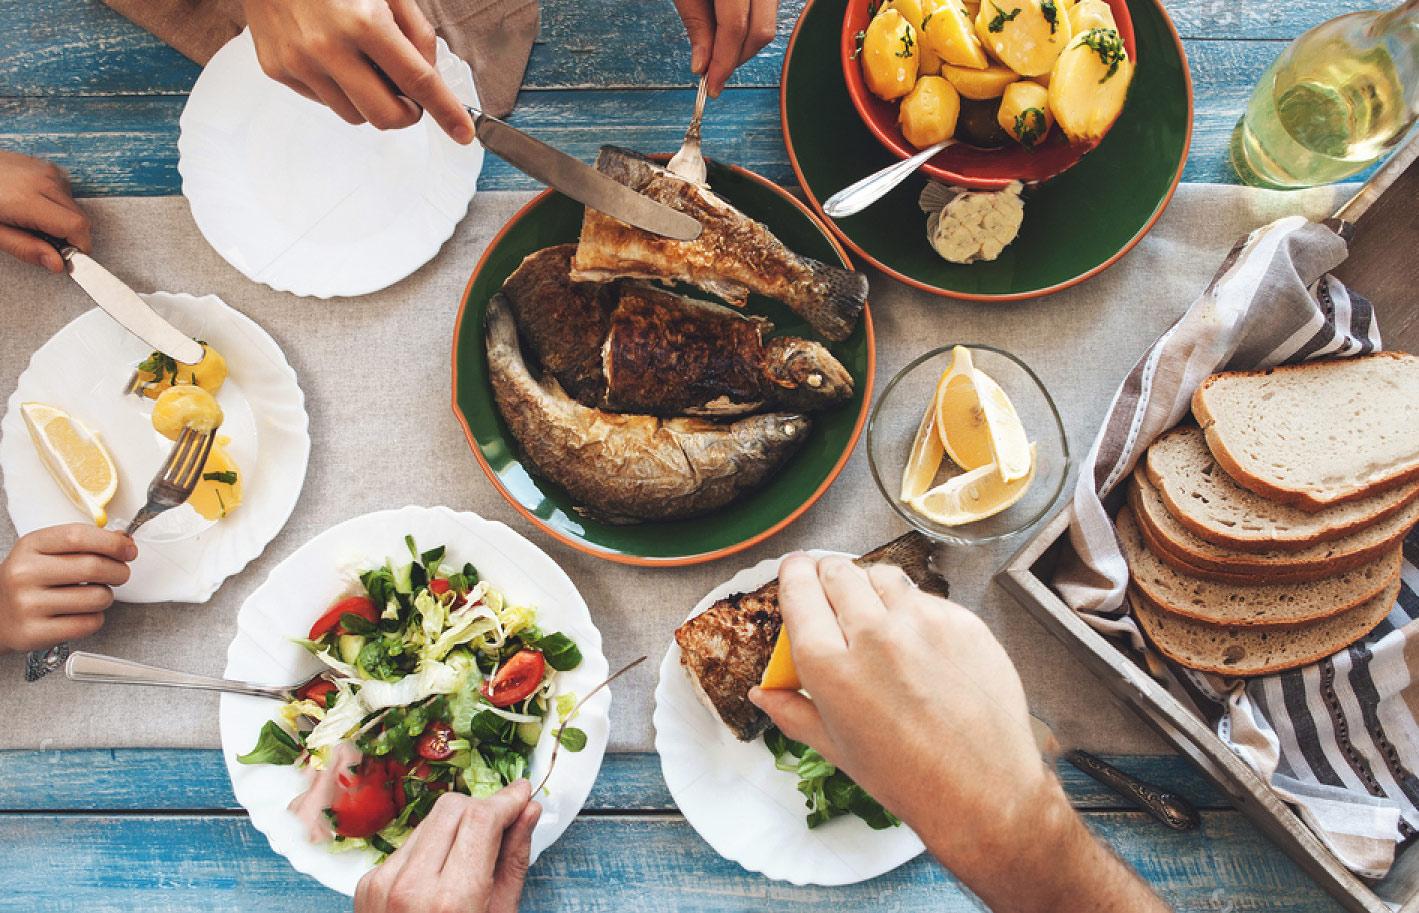 عادات غذایی خوب گذشته